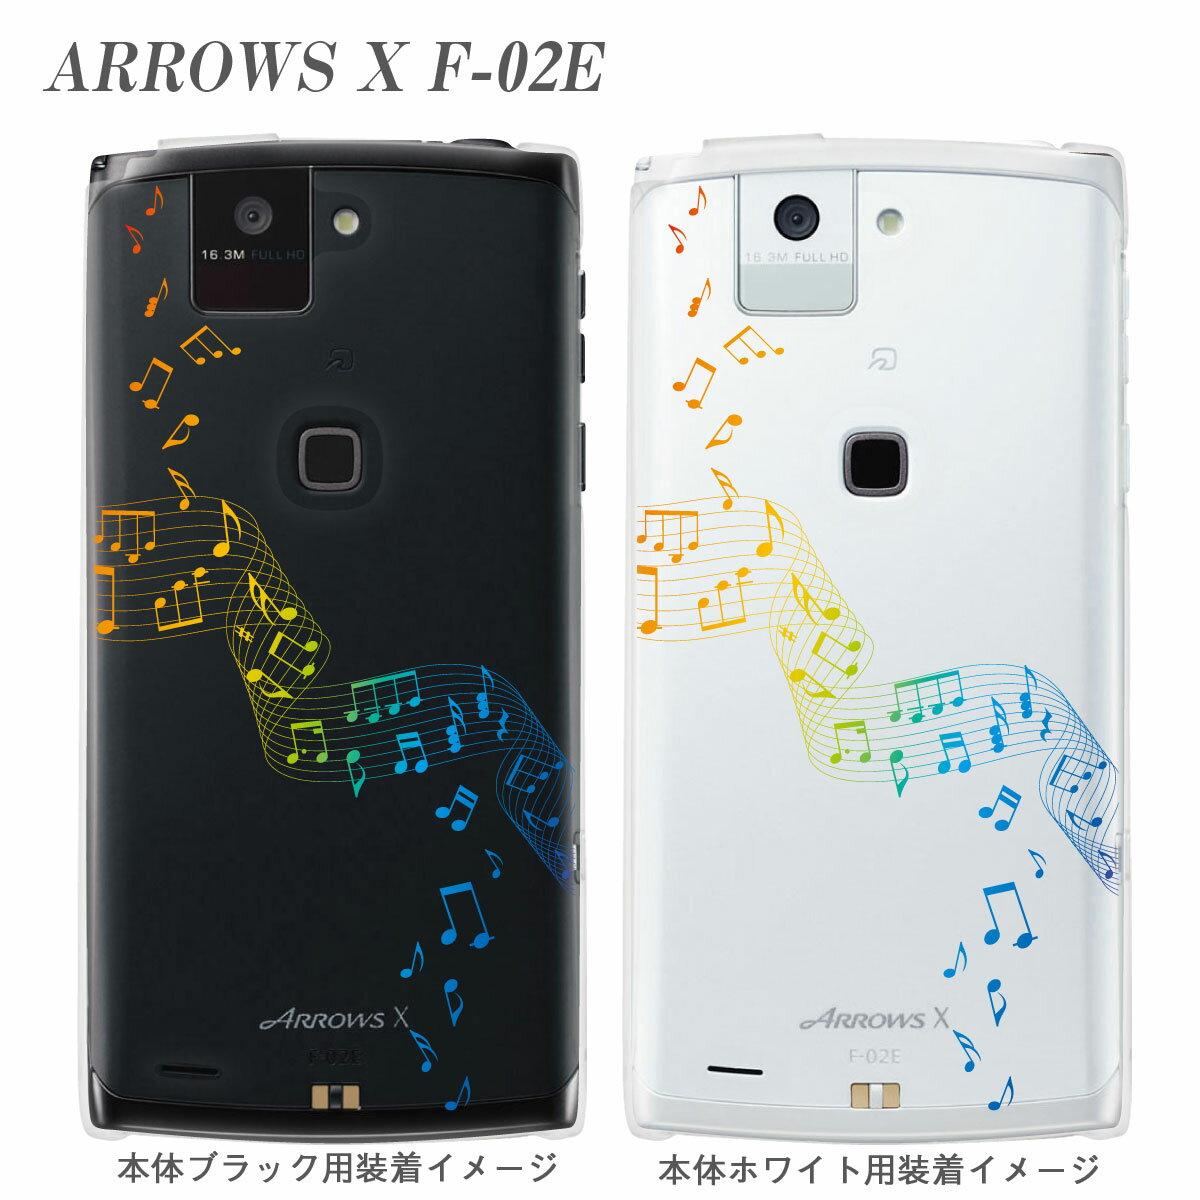 スマートフォン・携帯電話アクセサリー, ケース・カバー ARROWS X F-02E 09-f02e-mu0003